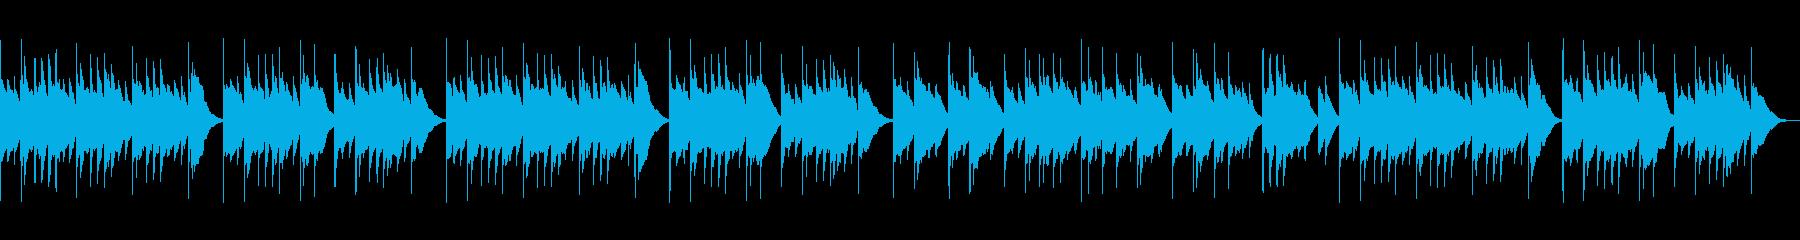 ほのぼのとしたオルゴール曲の再生済みの波形